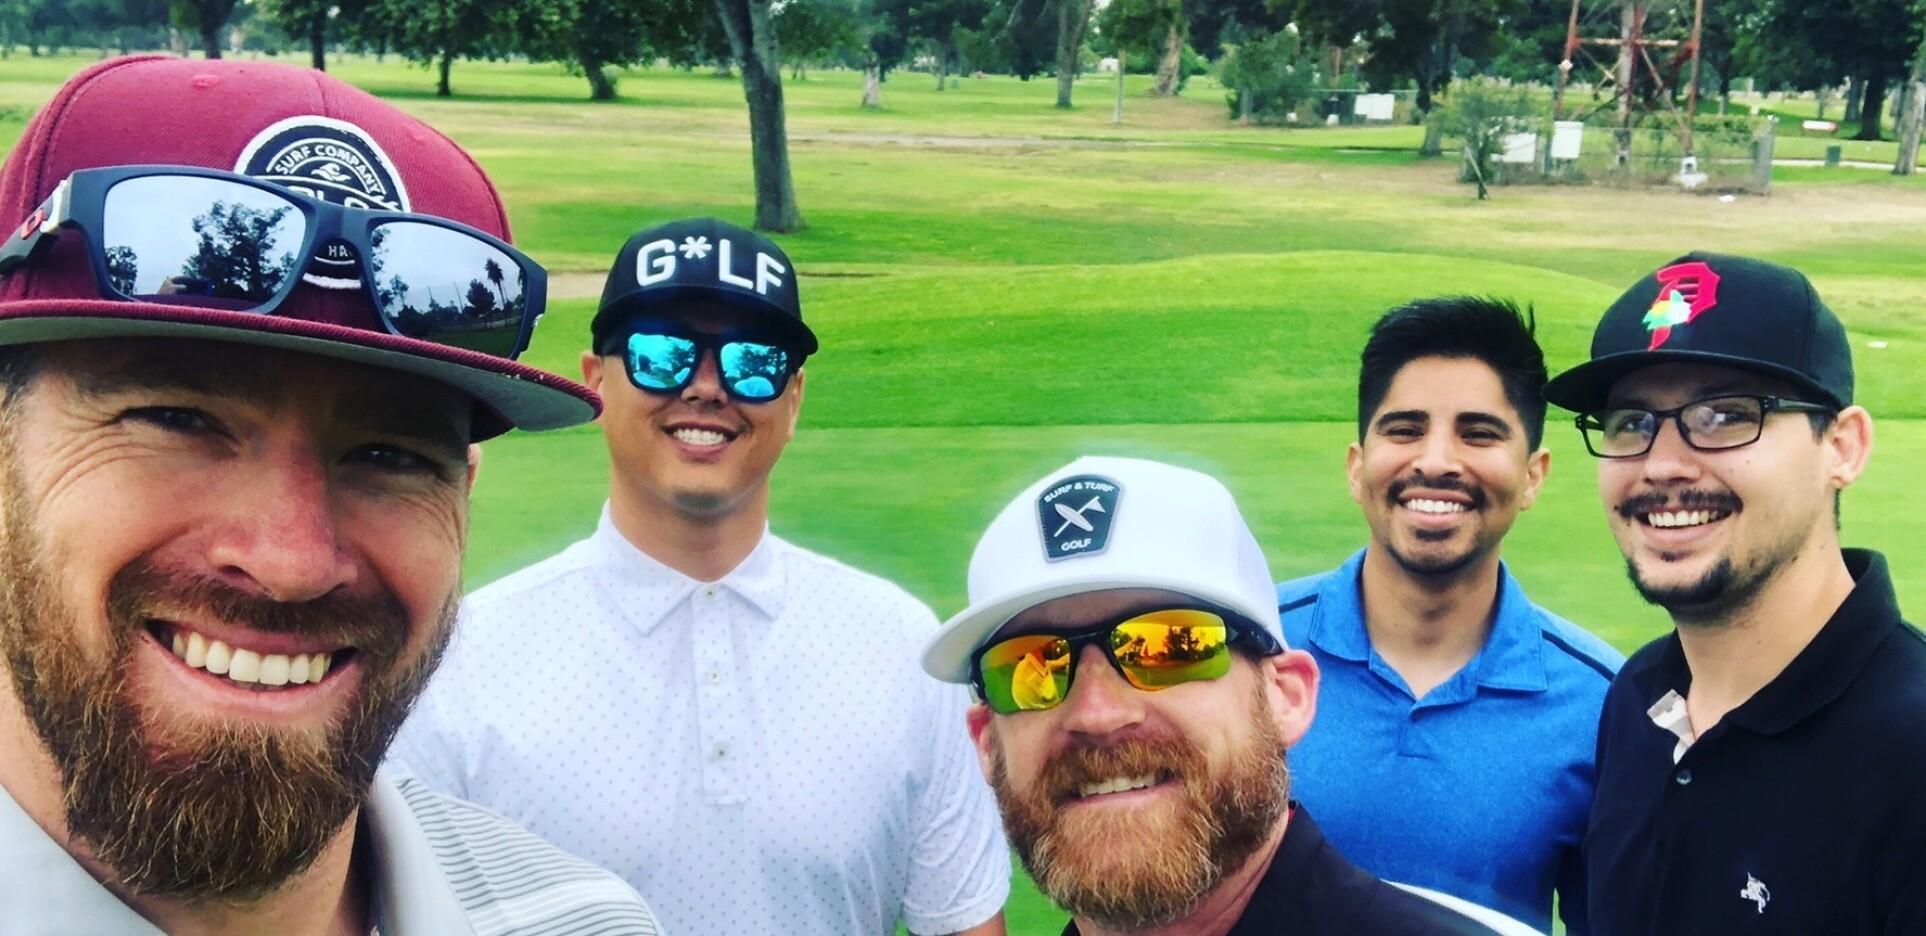 Quick selfie on 18 green.